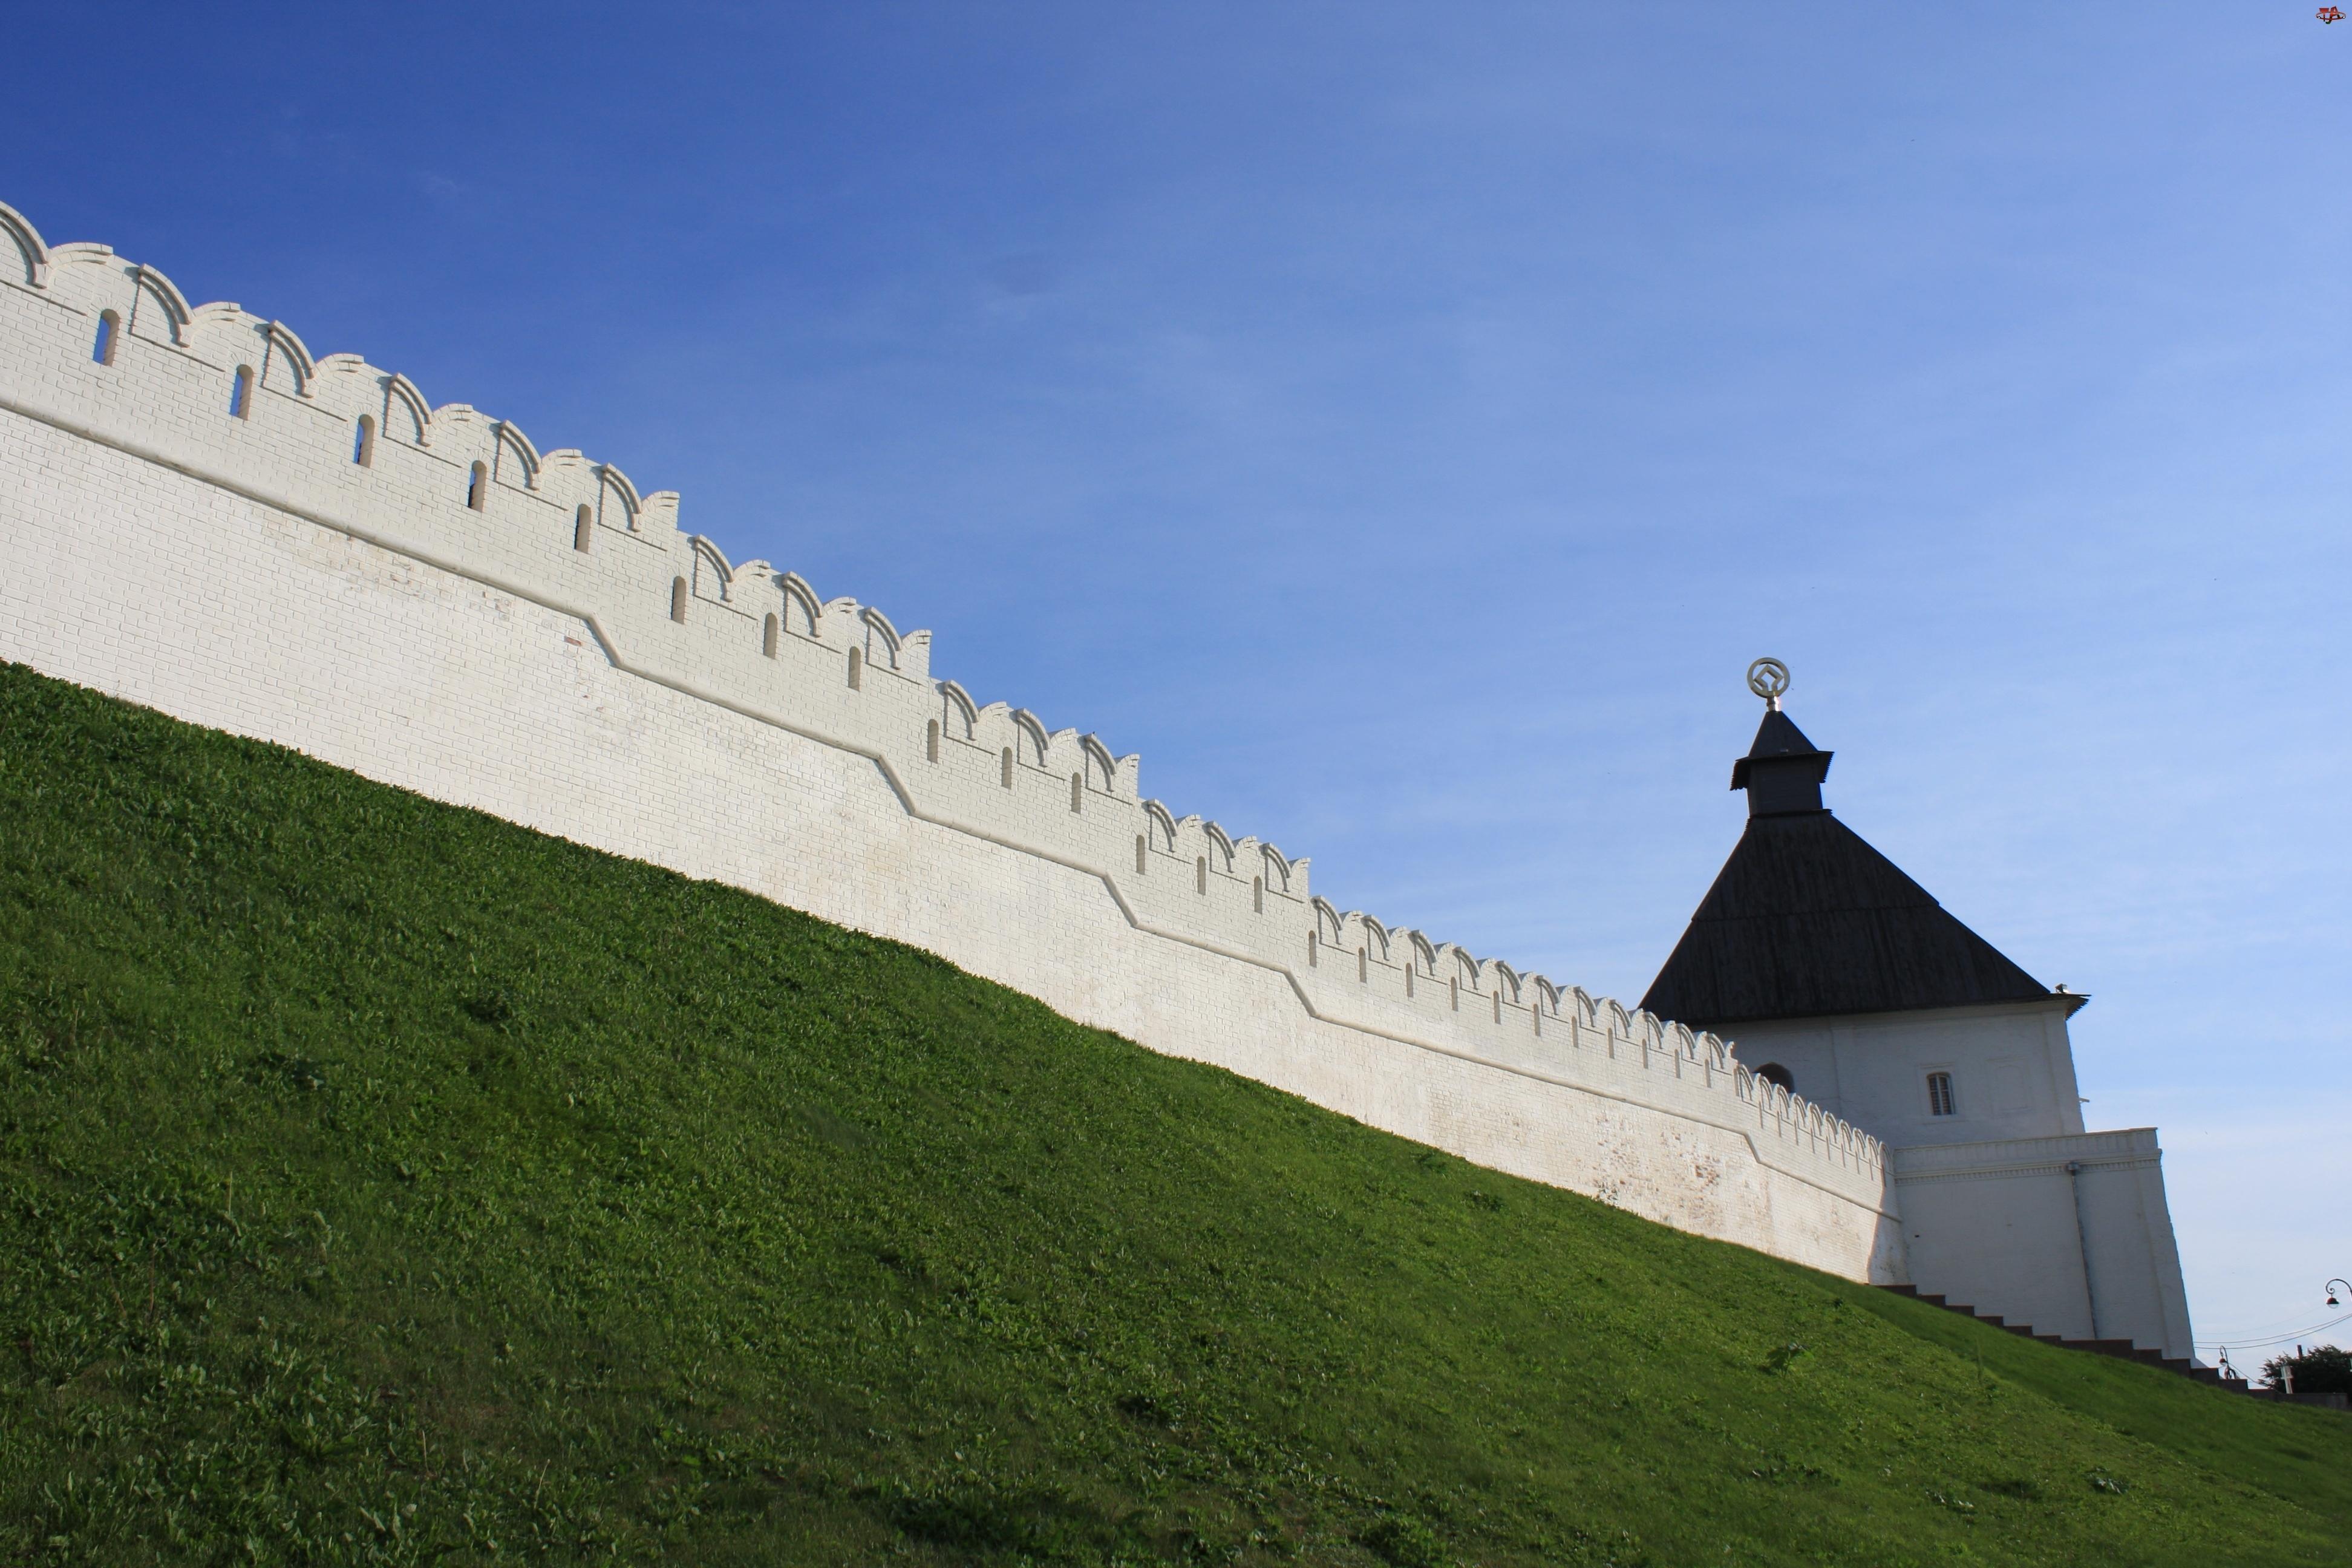 Mury, Rosja, Kreml, Kazań, Wieża